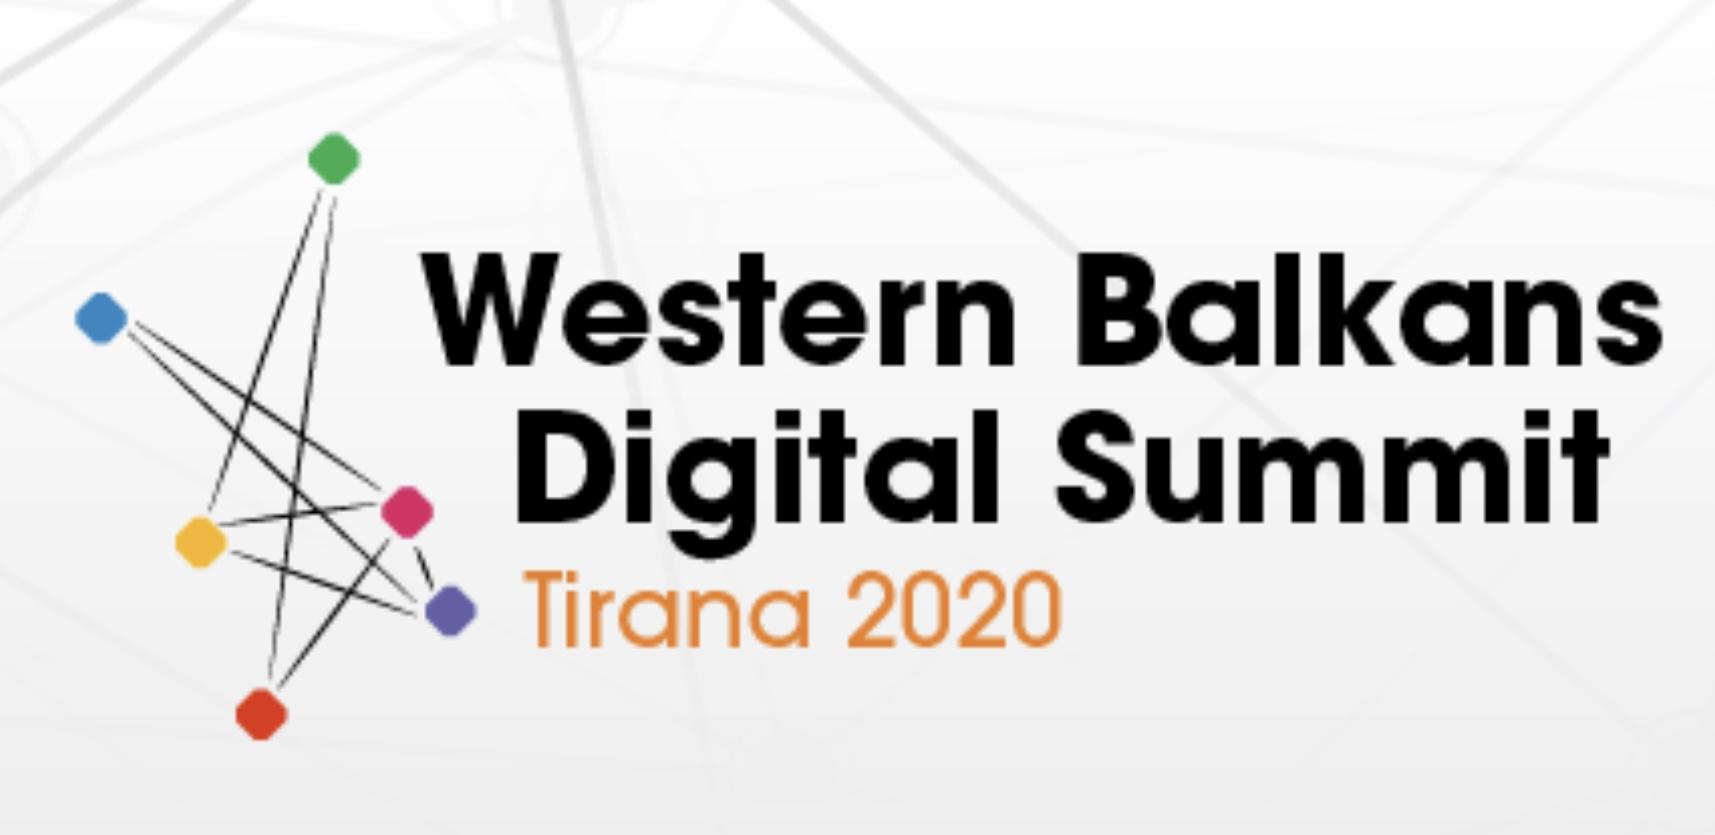 Αλβανία: Περιφερειακή δέσμευση για κοινή ψηφιακή ατζέντα στα Δυτικά Βαλκάνια ζήτησε ο Rama